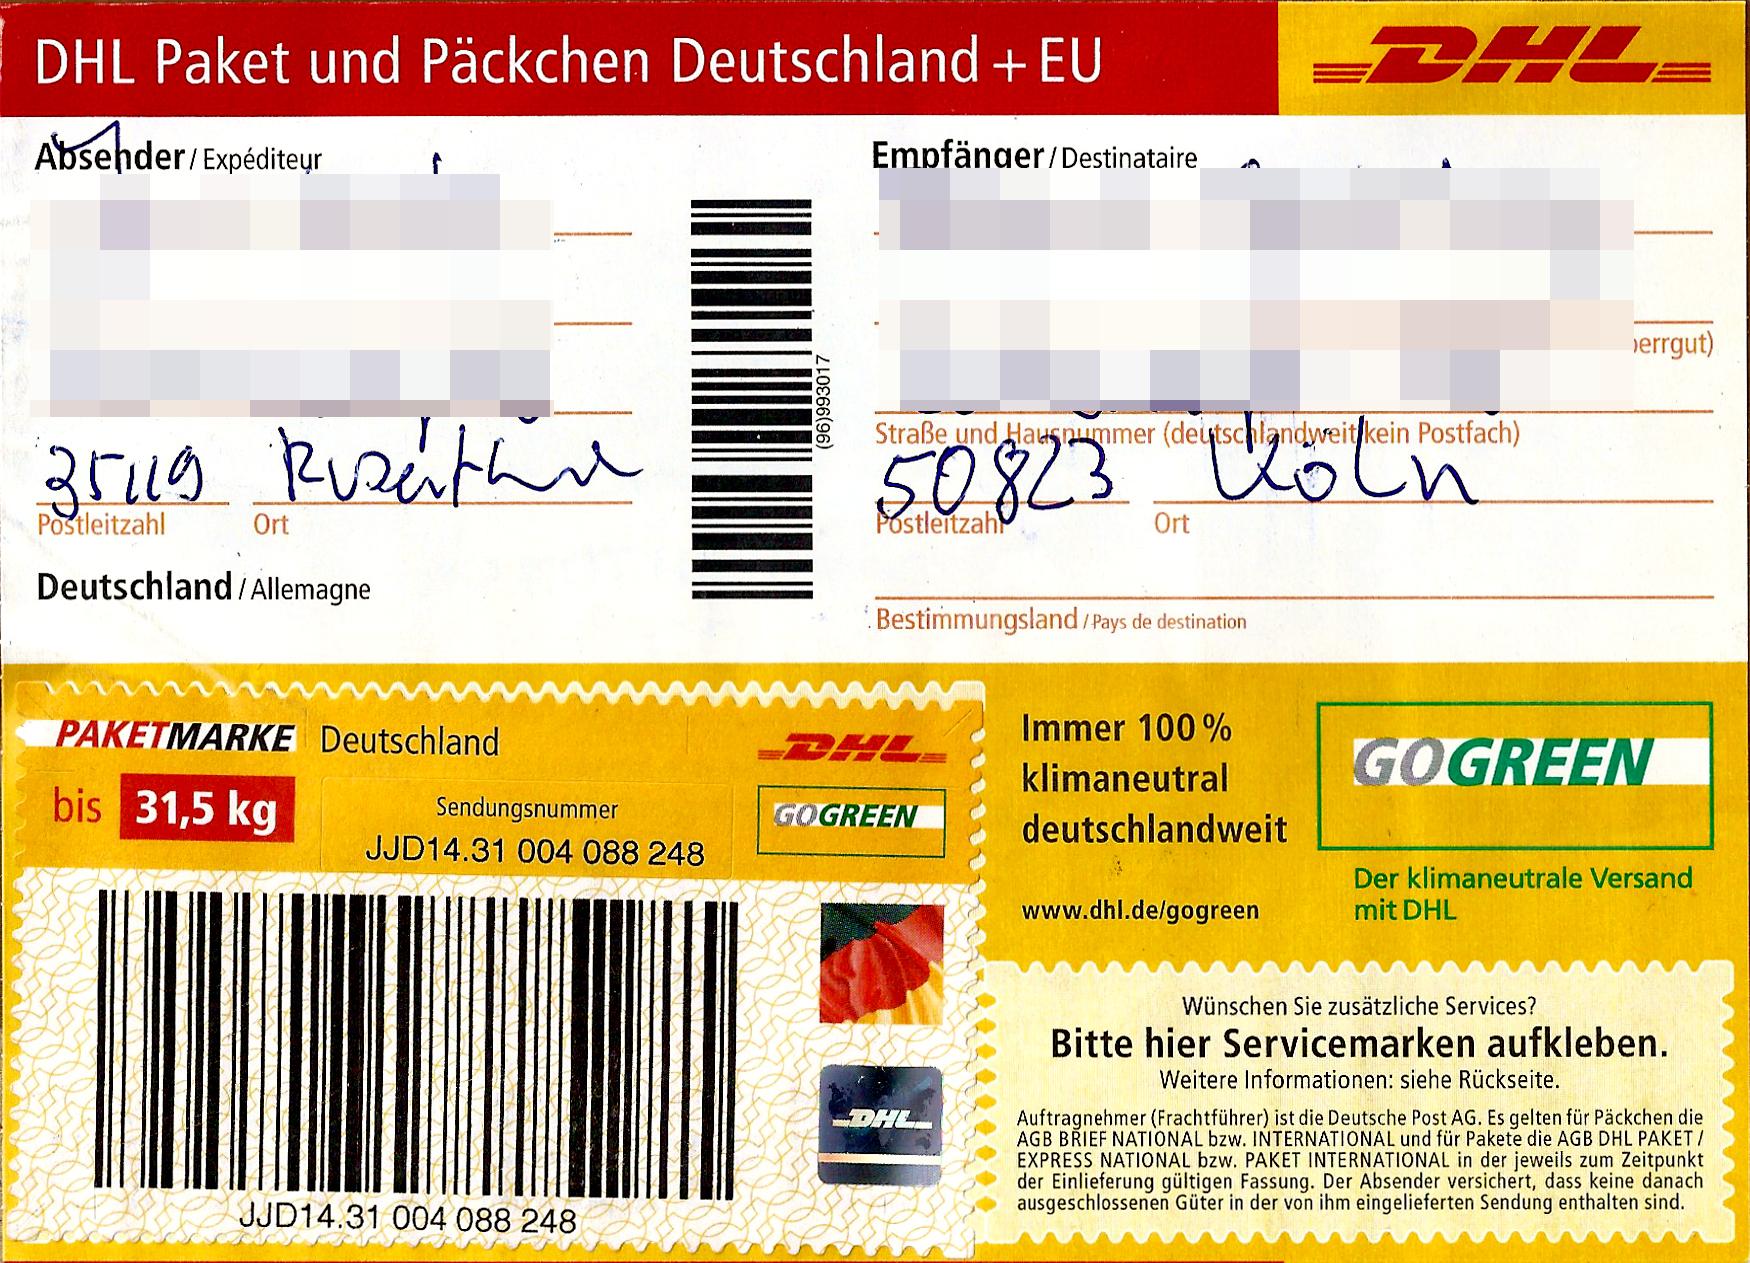 file paketaufkleber dhl paket mit paketmarke bis 31 5 kg